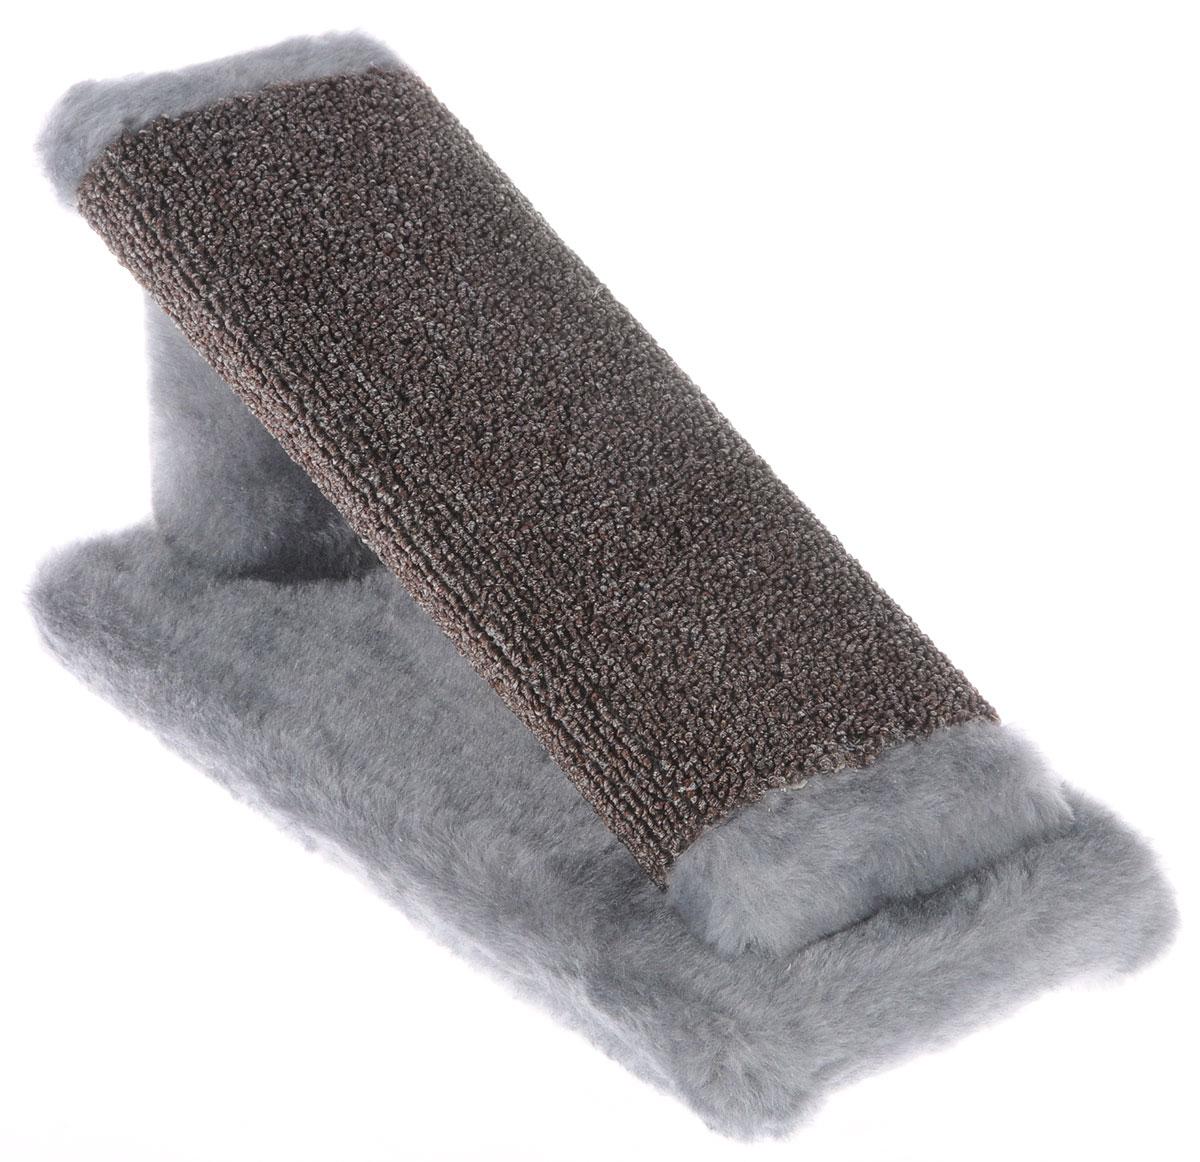 Когтеточка для котят Меридиан Горка, цвет: светло-серый, коричневый, 29 х 14 х 14 смК704ССКогтеточка Меридиан Горка предназначена для стачивания когтей вашего котенка и предотвращения их врастания. Она выполнена из ДВП, ДСП и искусственного меха. Точатся когти о накладку из ковролина. Когтеточка позволяет сохранить неповрежденными мебель и другие предметы интерьера.